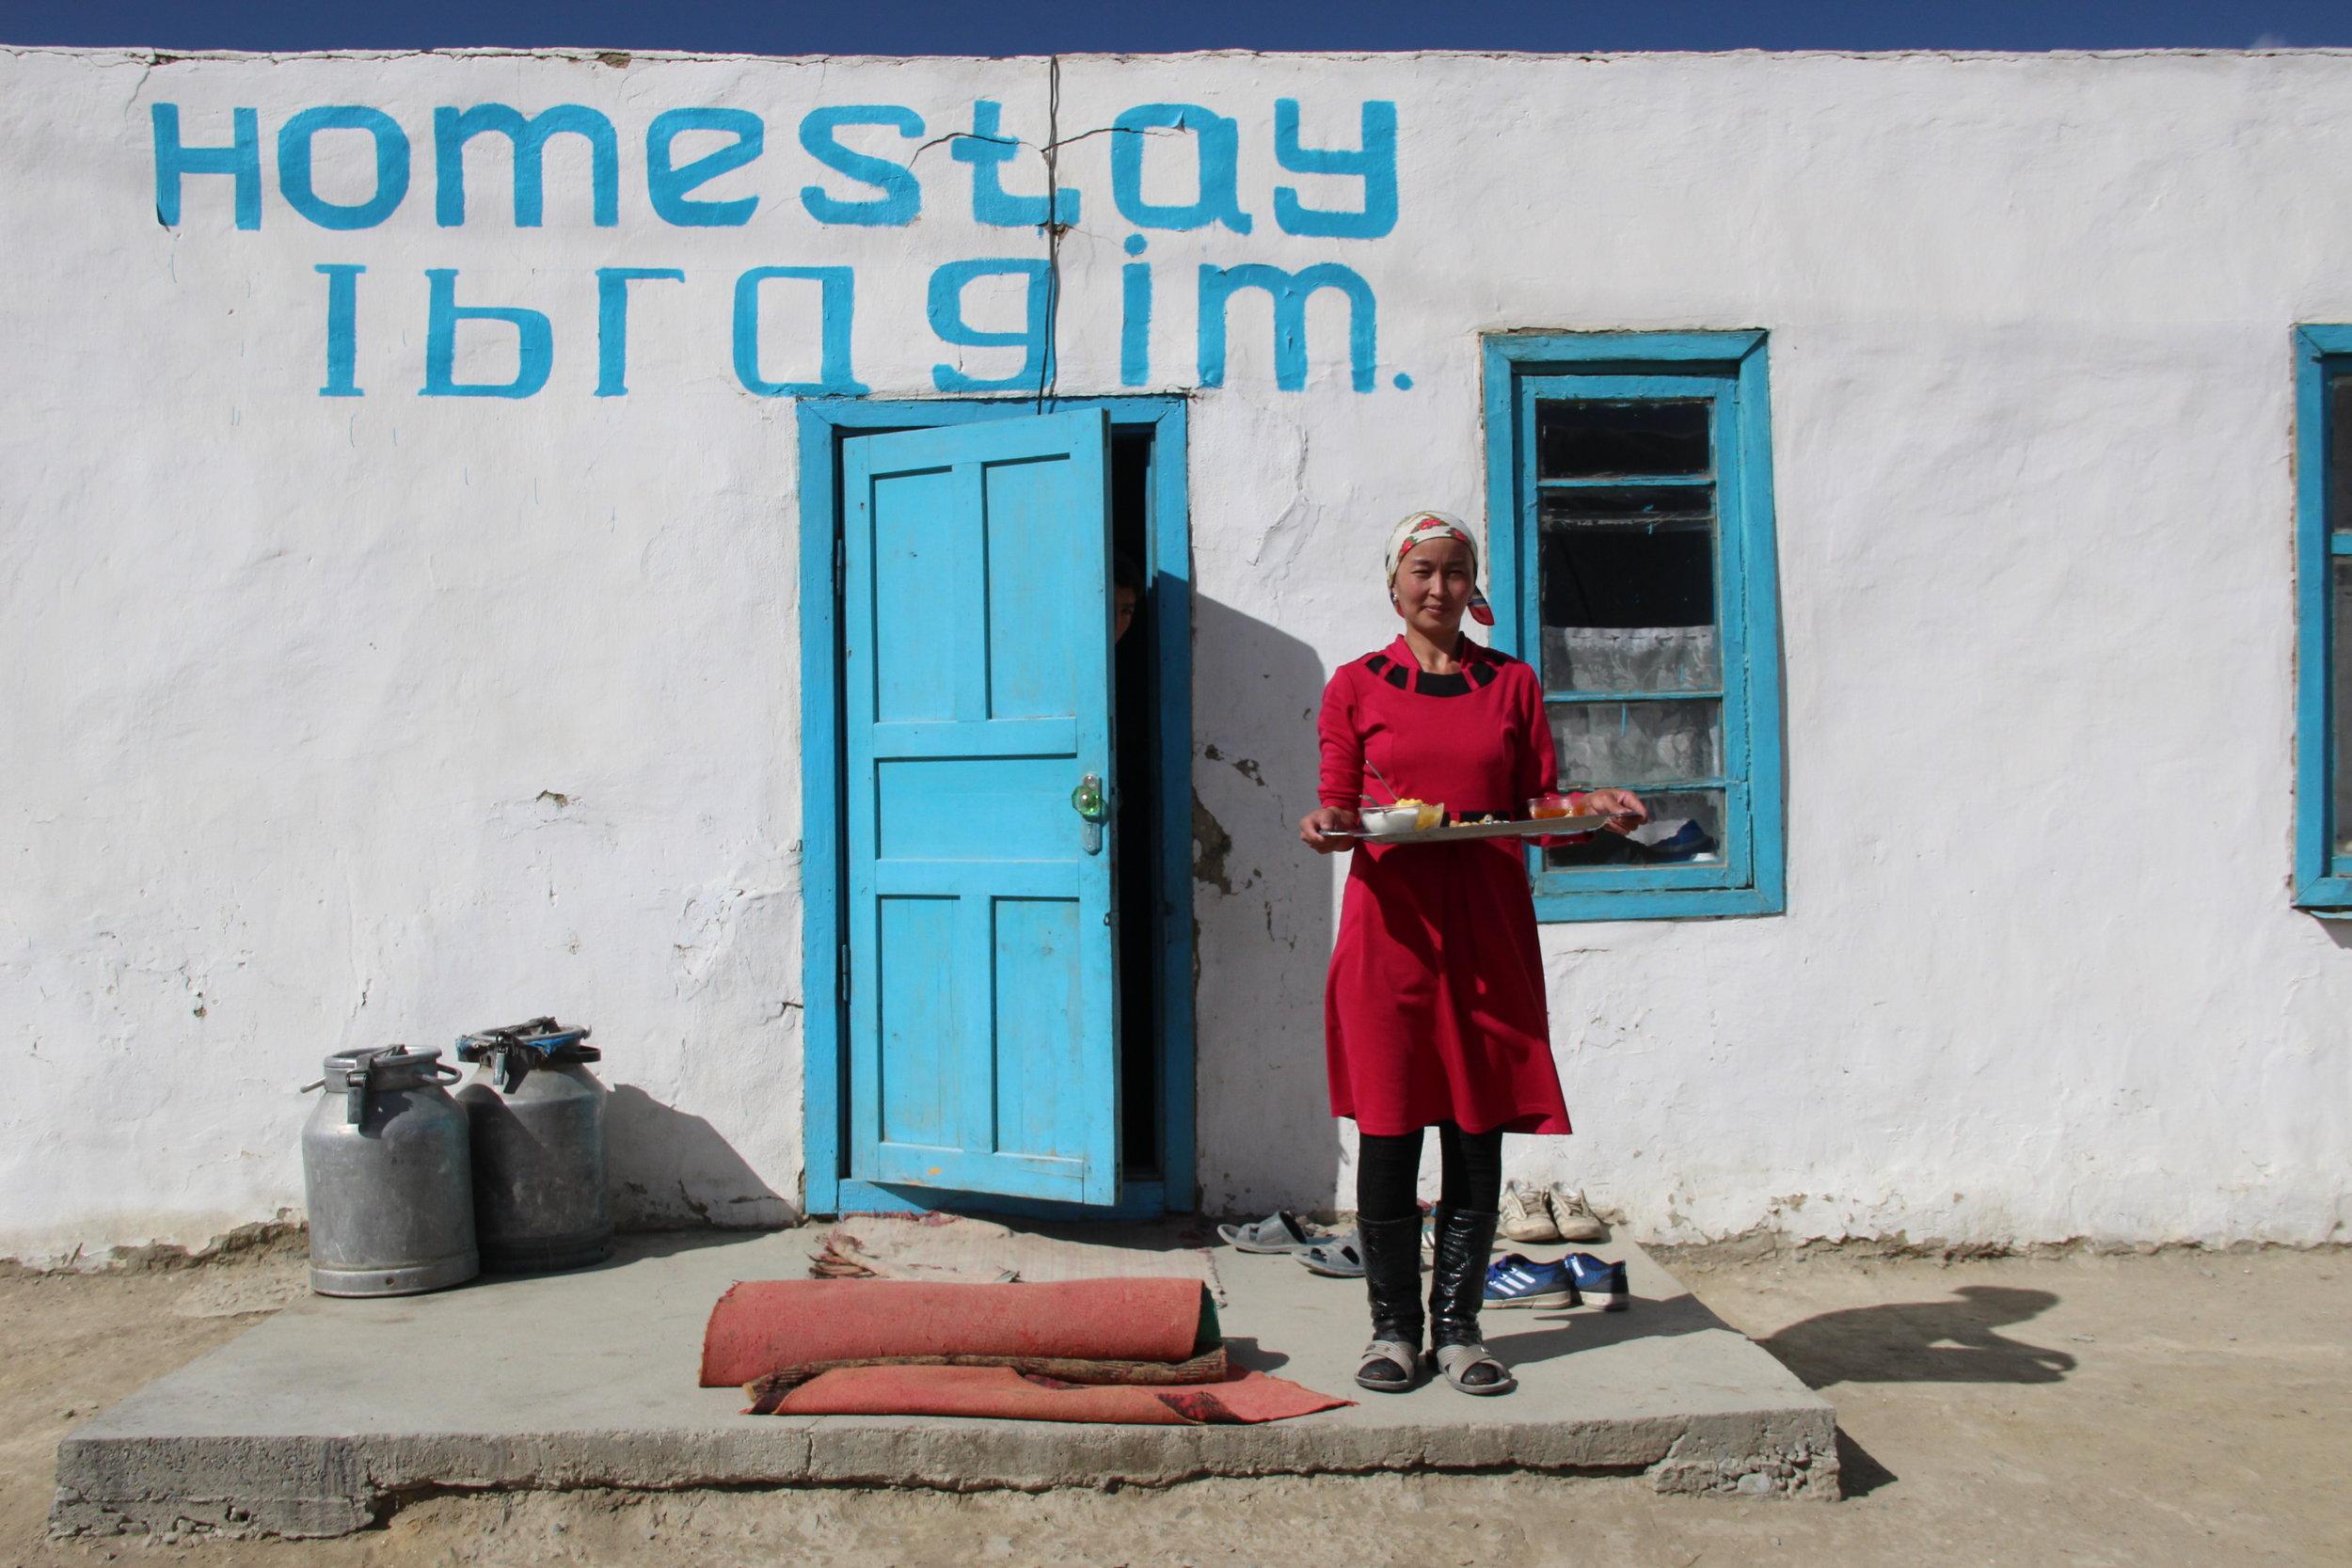 Ibragim Homestay